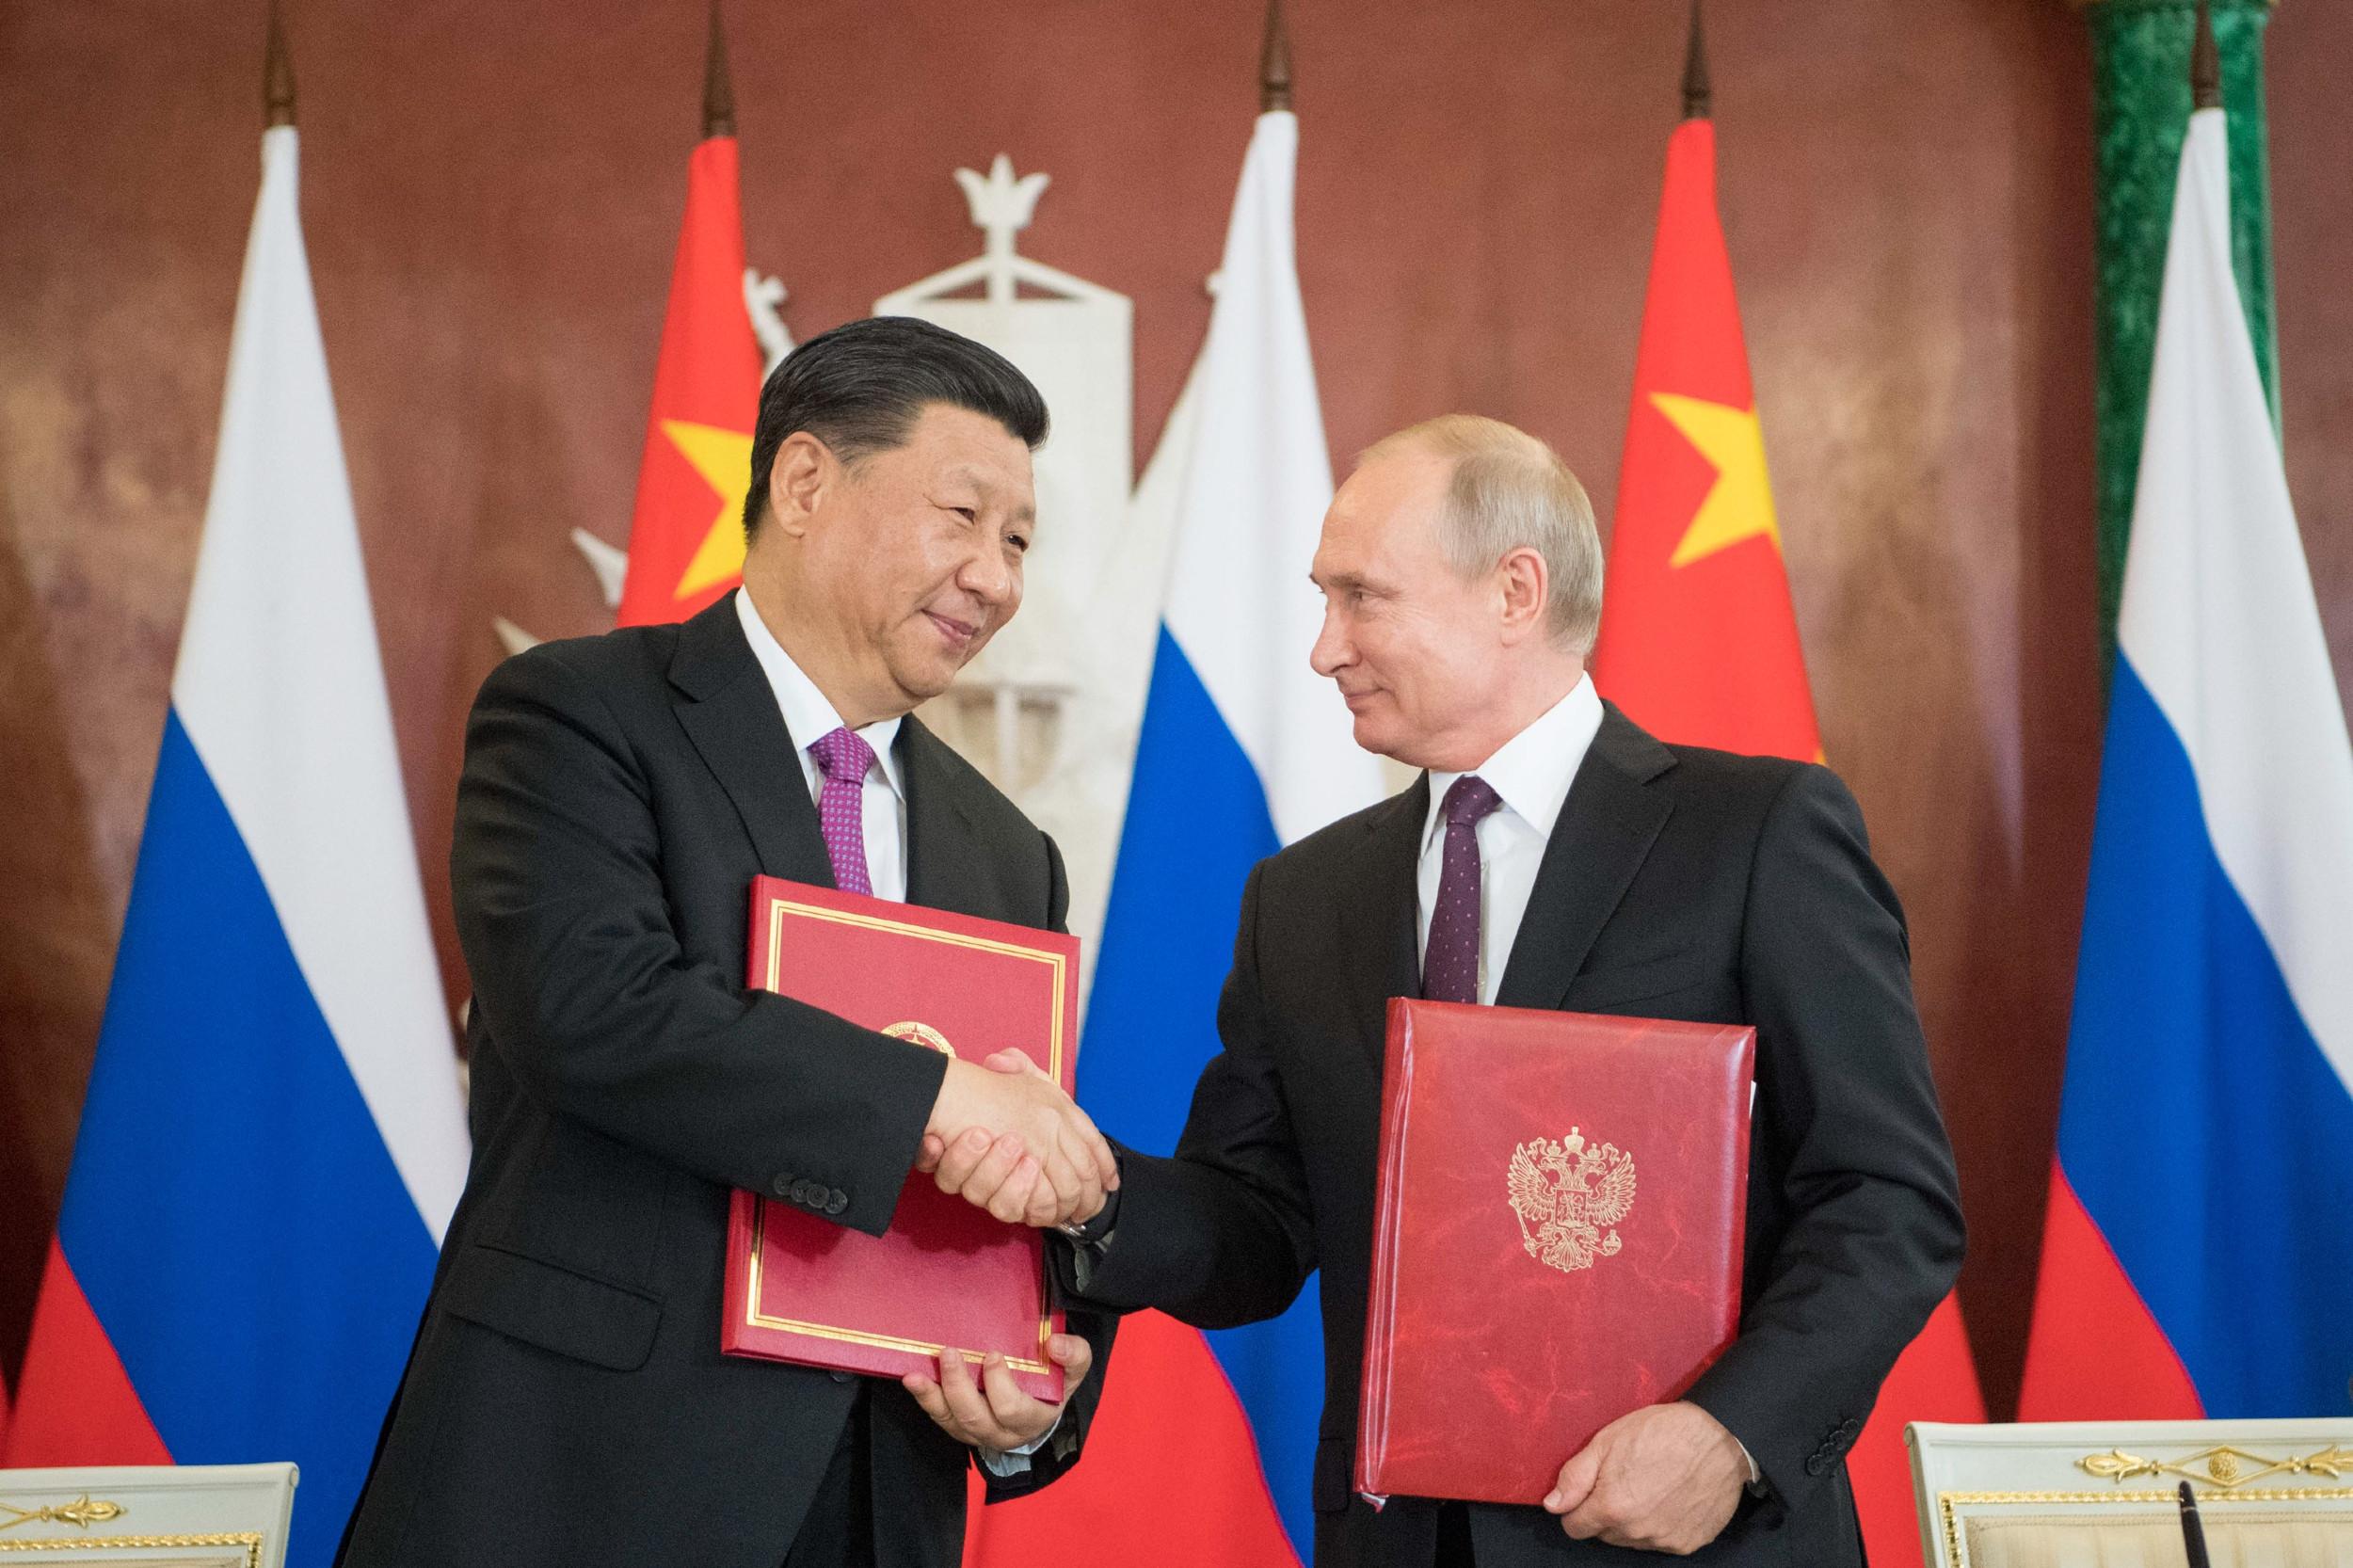 Китай предложил России «наказать» Литву. Что теперь ждет прибалтийскую республику?